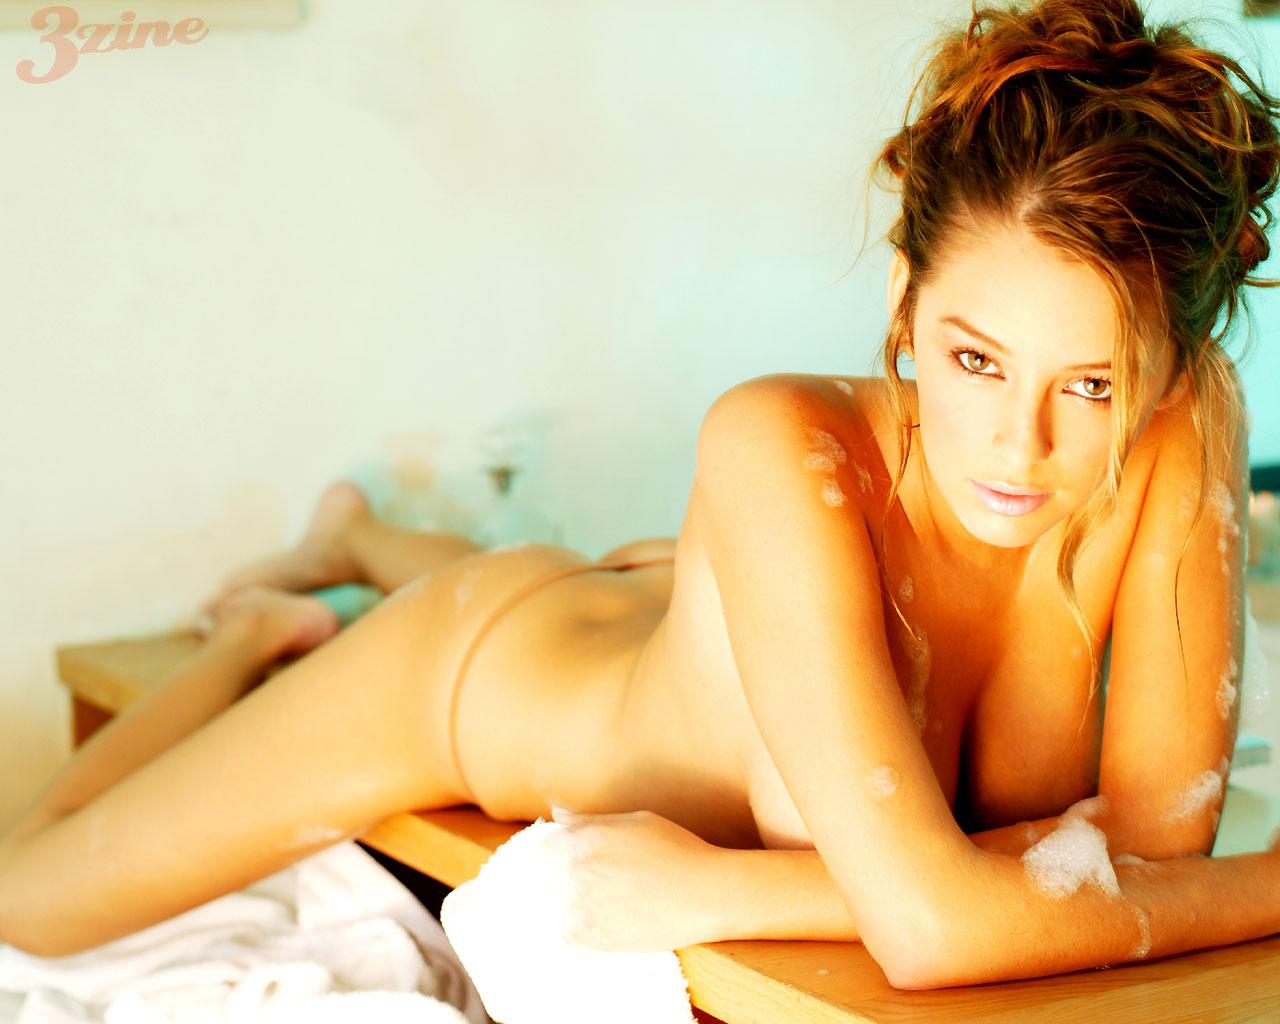 beautiful women nude blow